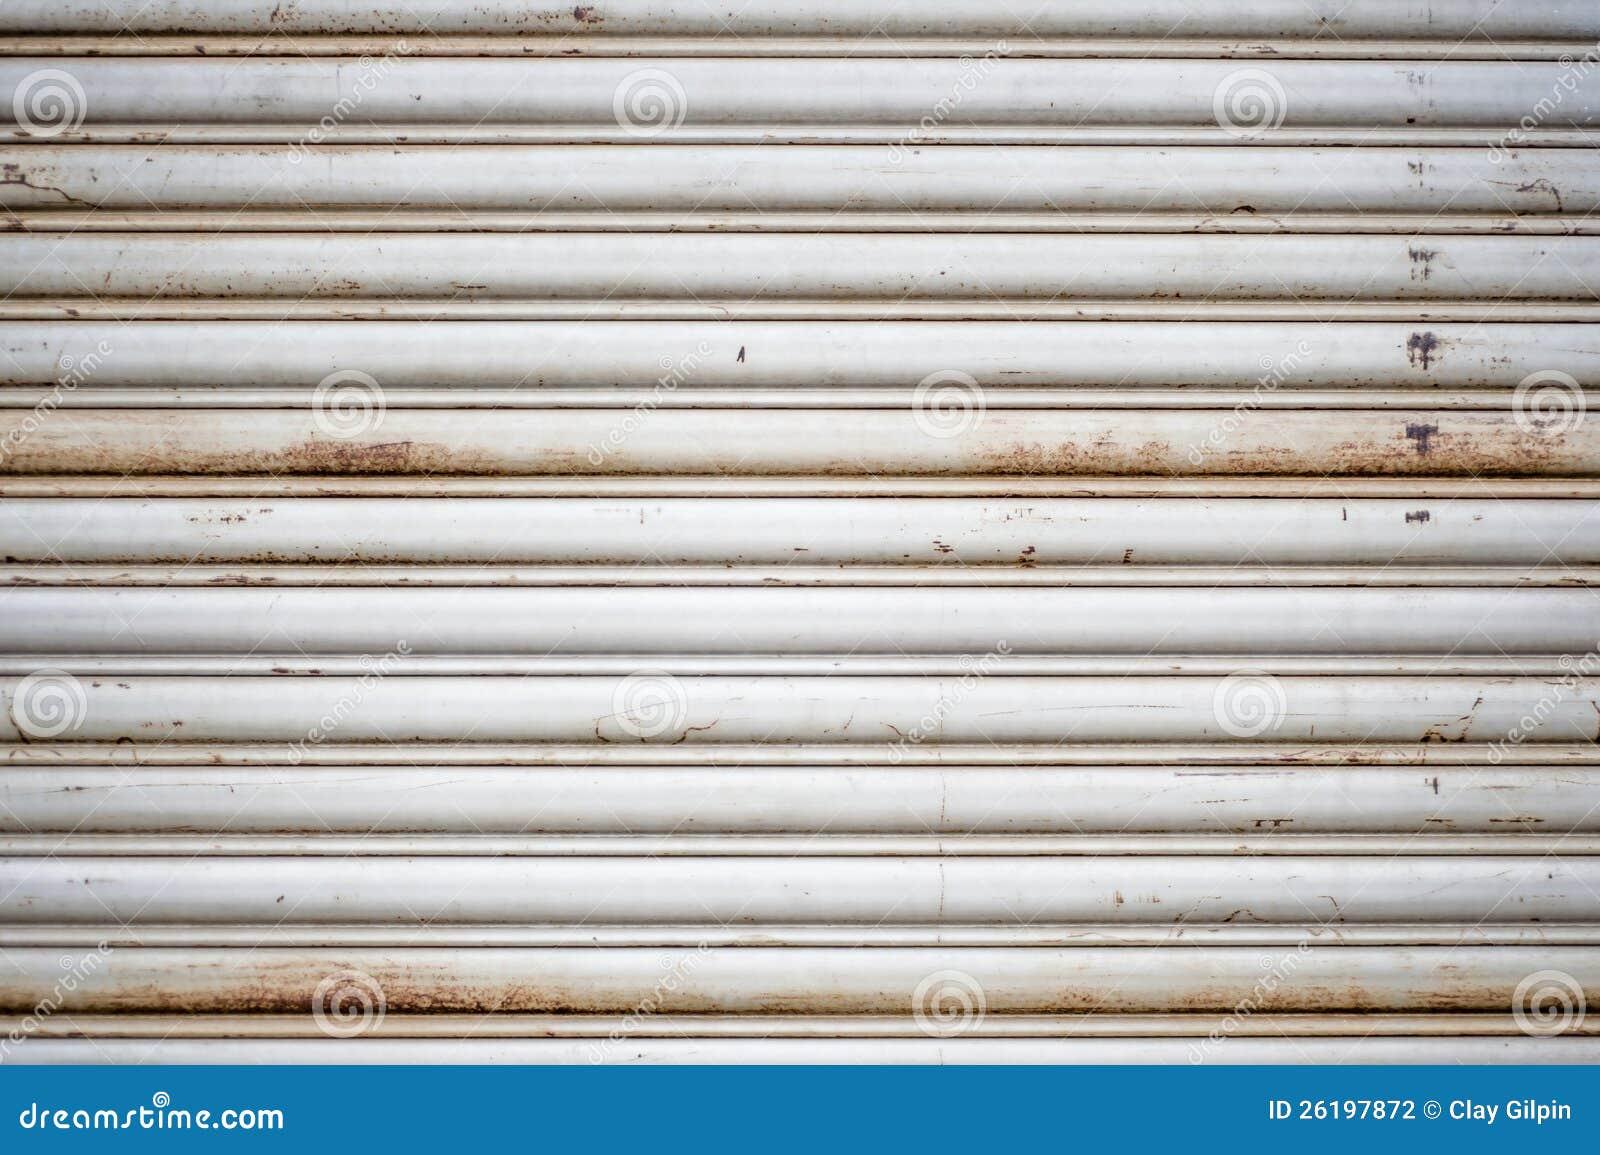 steel garage door texture car garage metal door background stock photo image of details dirty 26197872